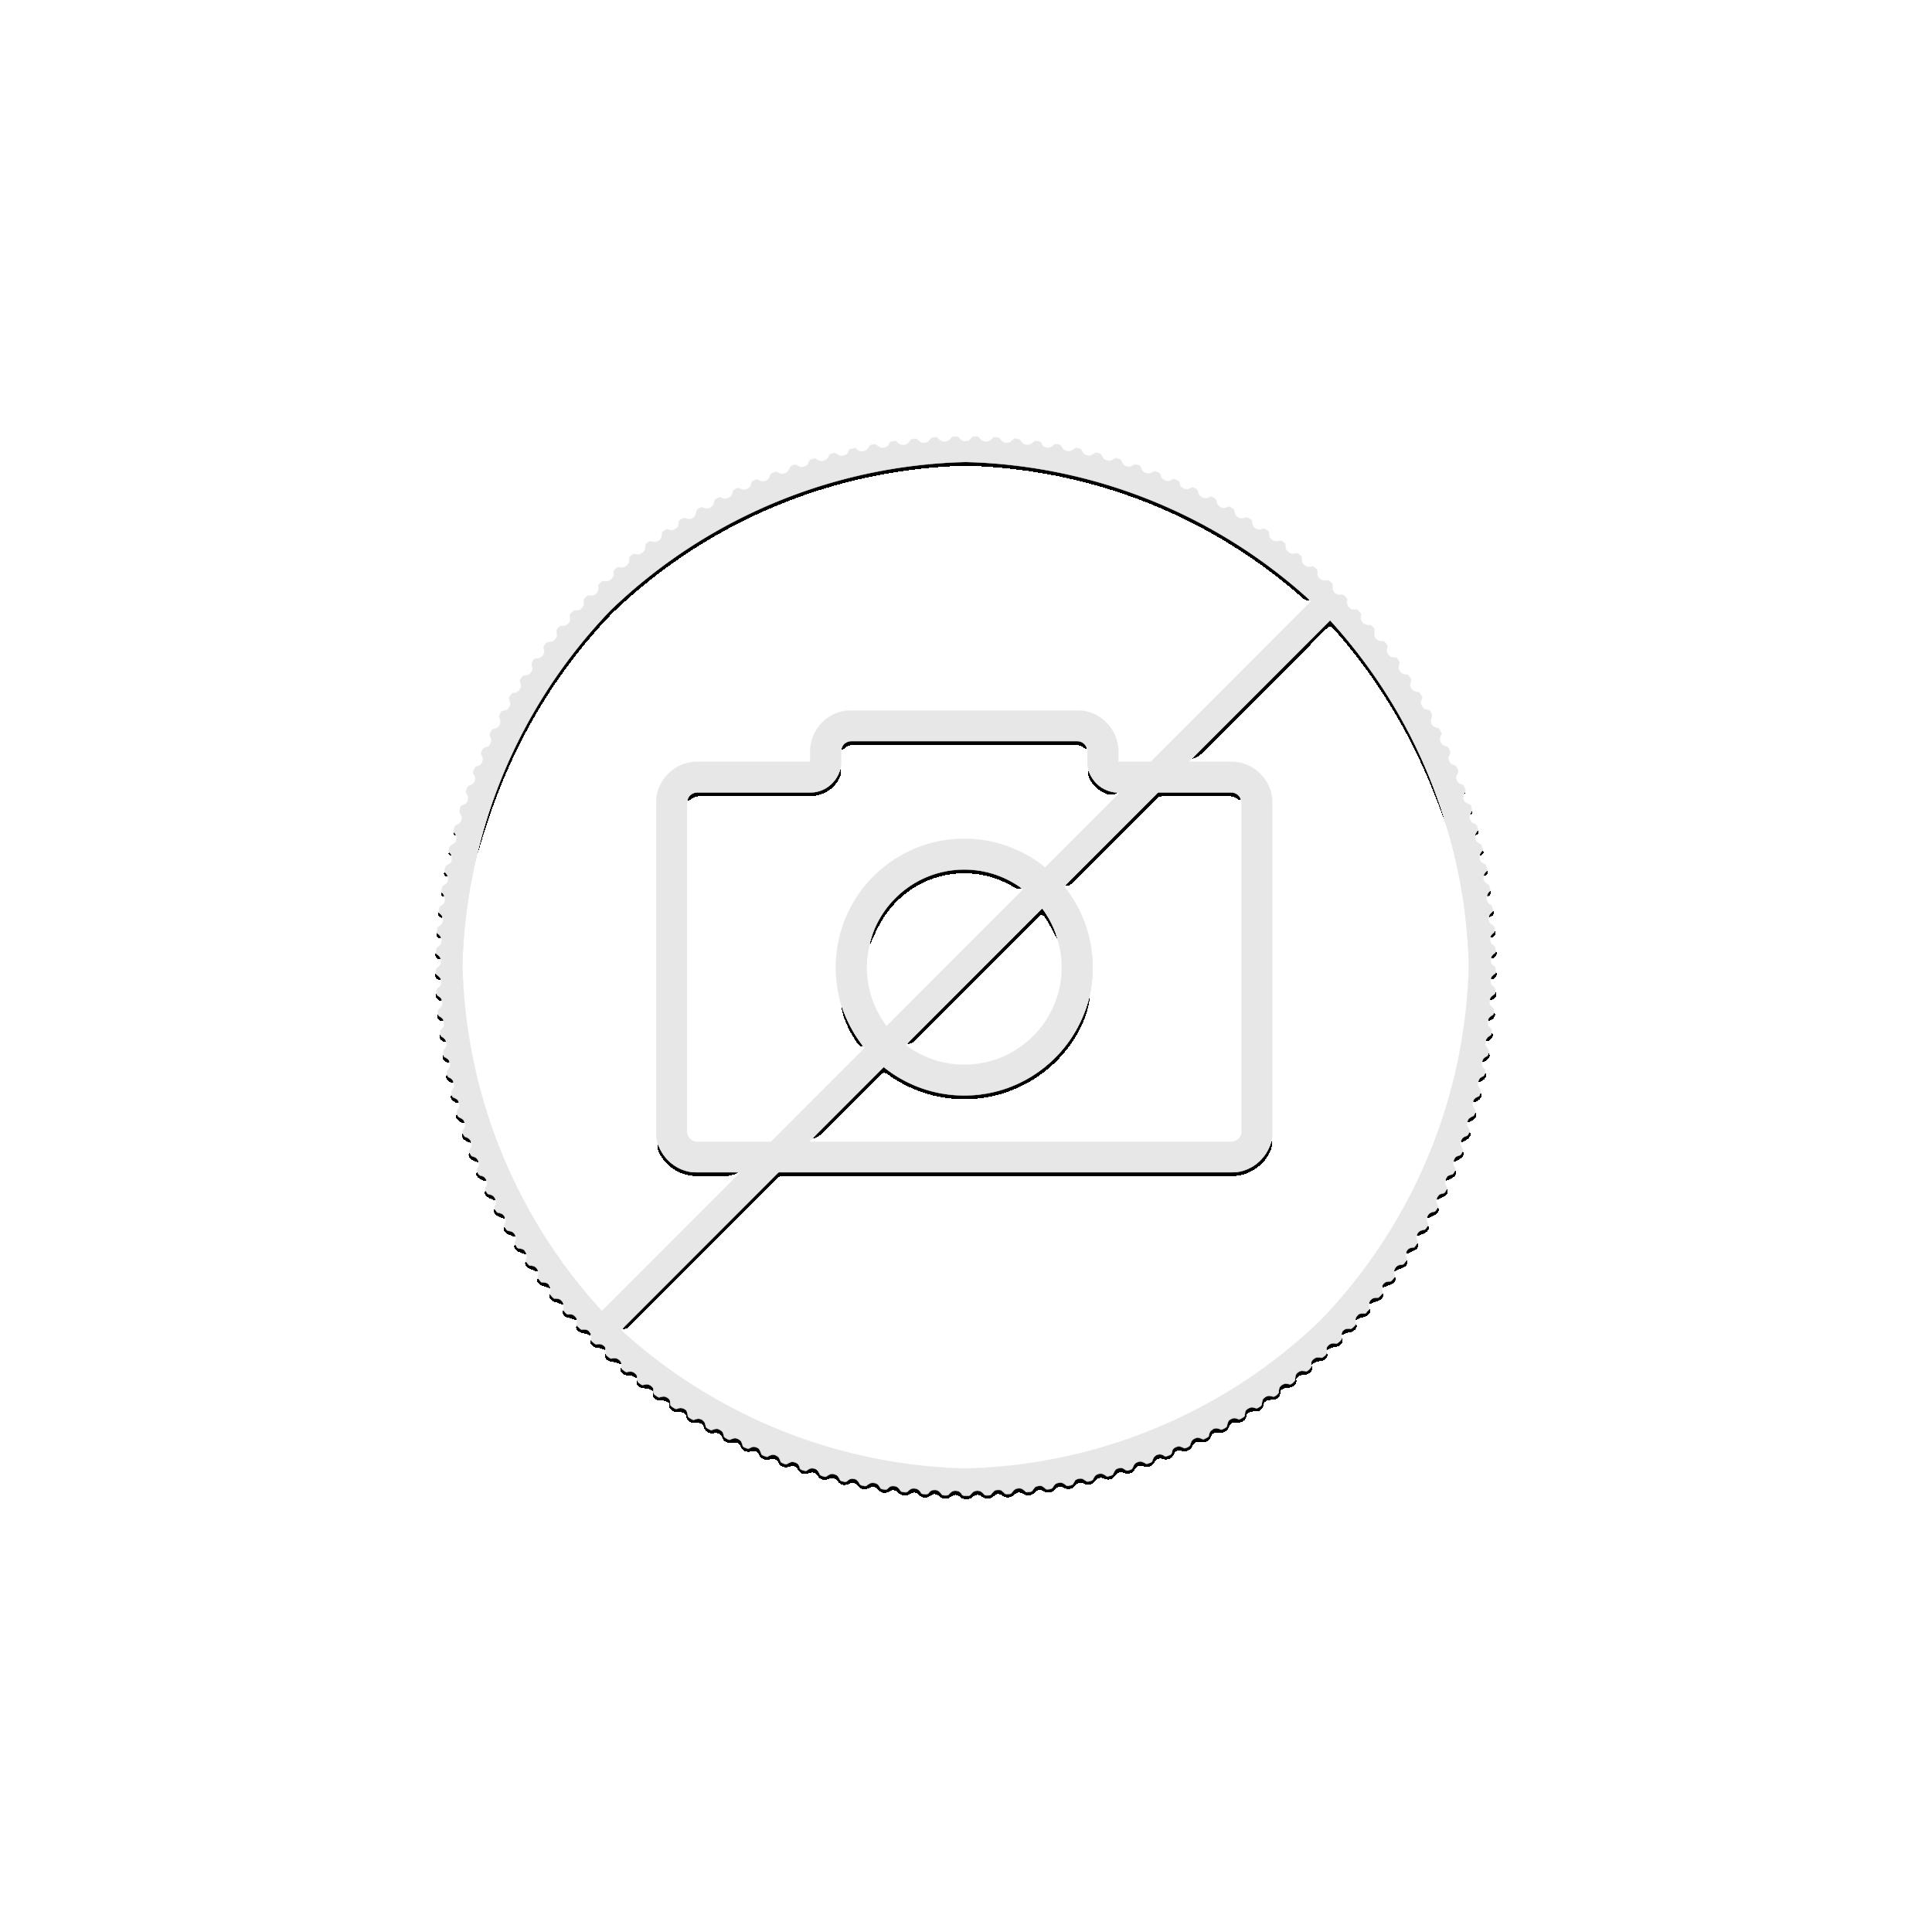 Gold ten guilder coin 2004 - Europe